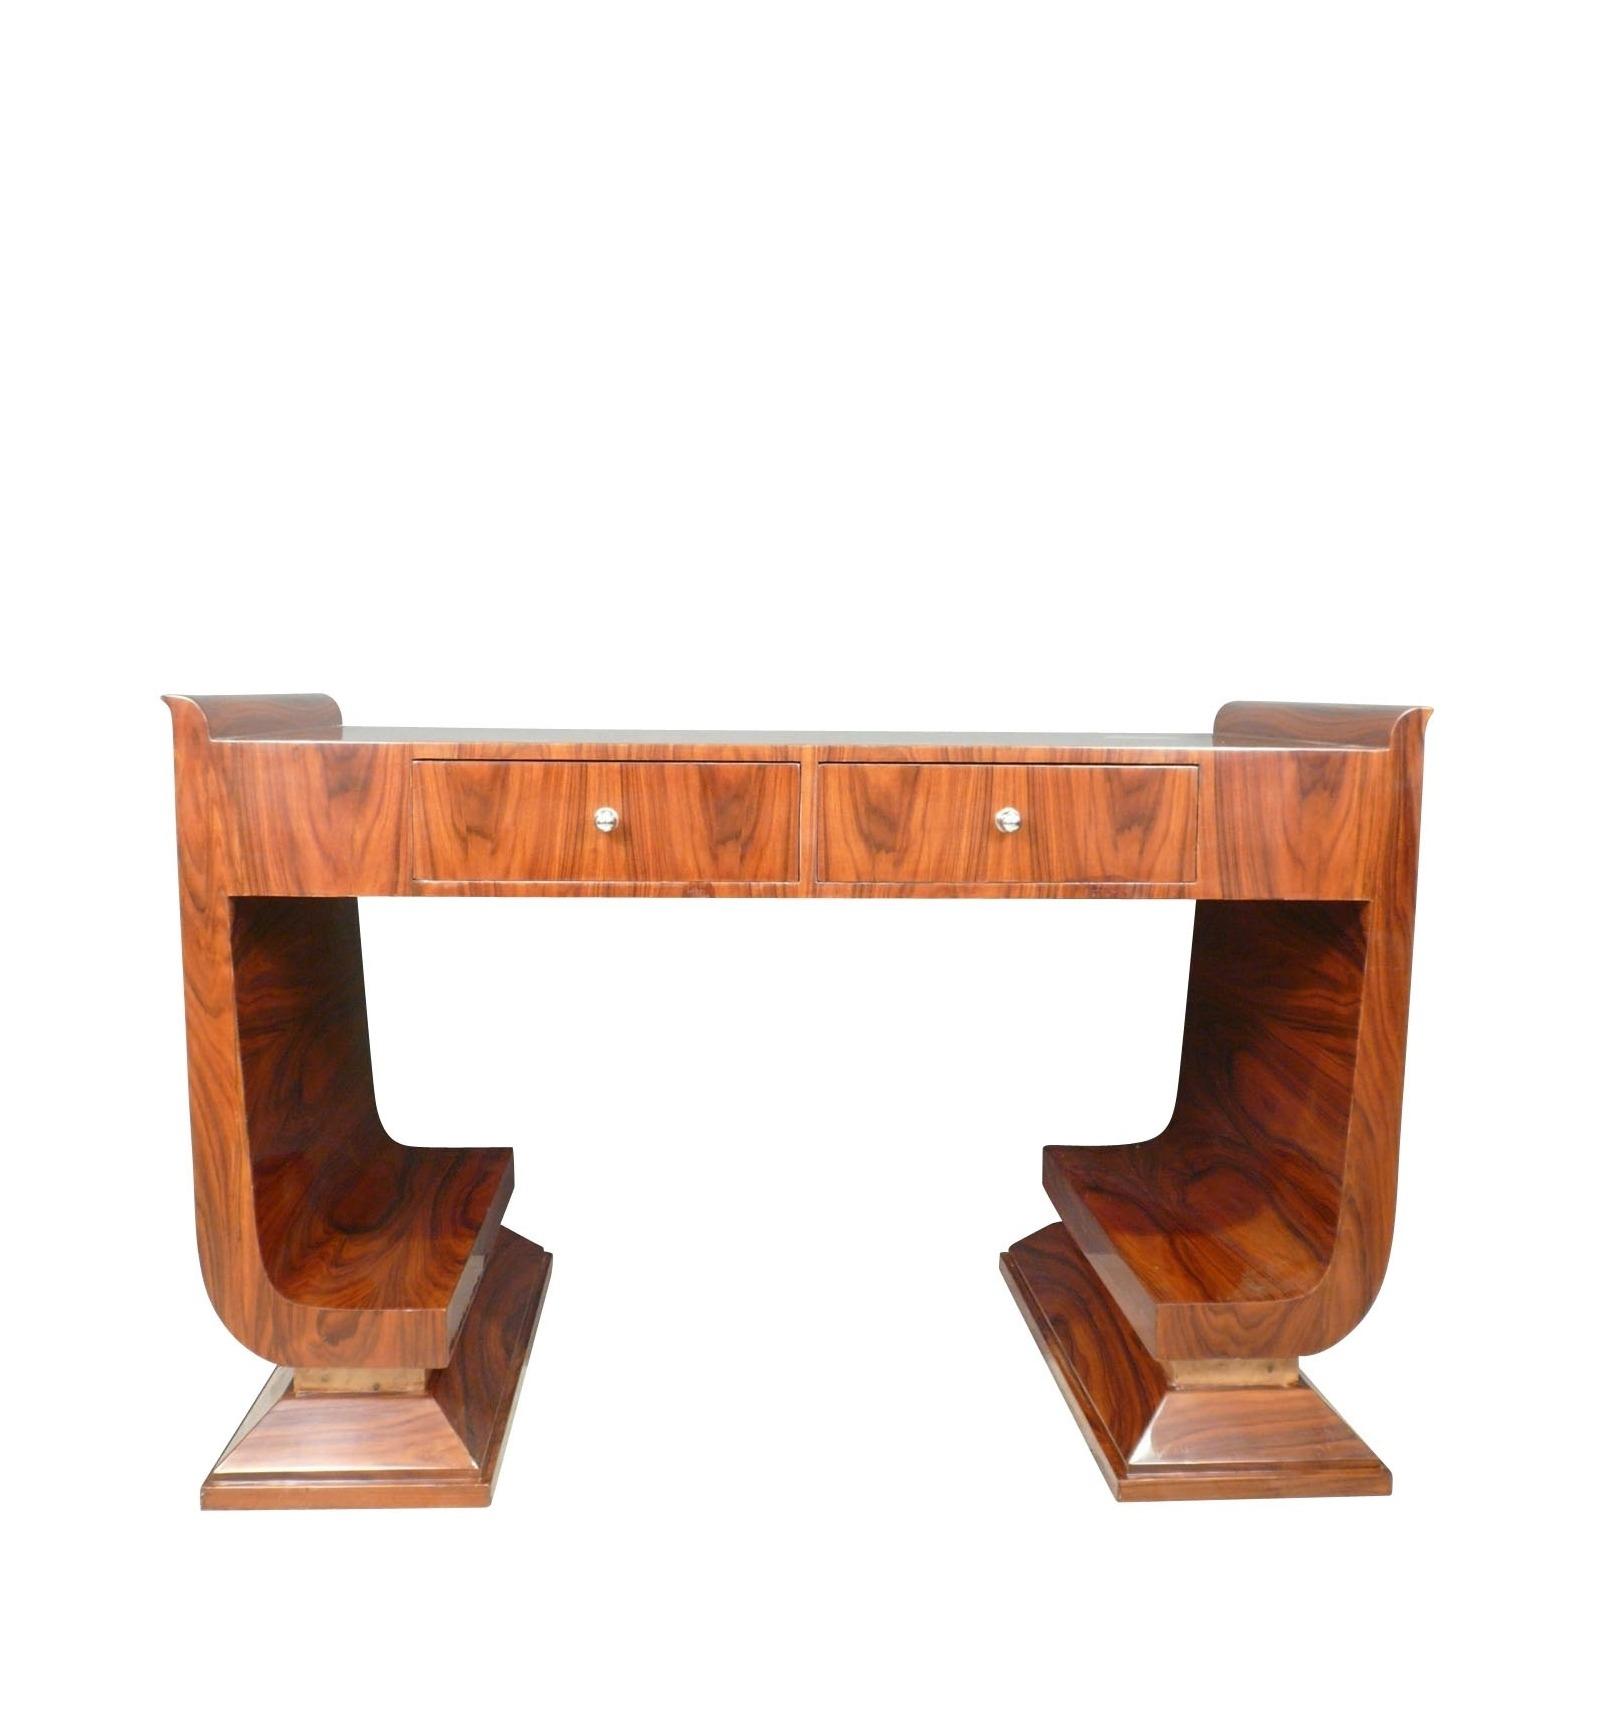 Bureau art d co en palissandre meubles art d co - Art deco meuble ...